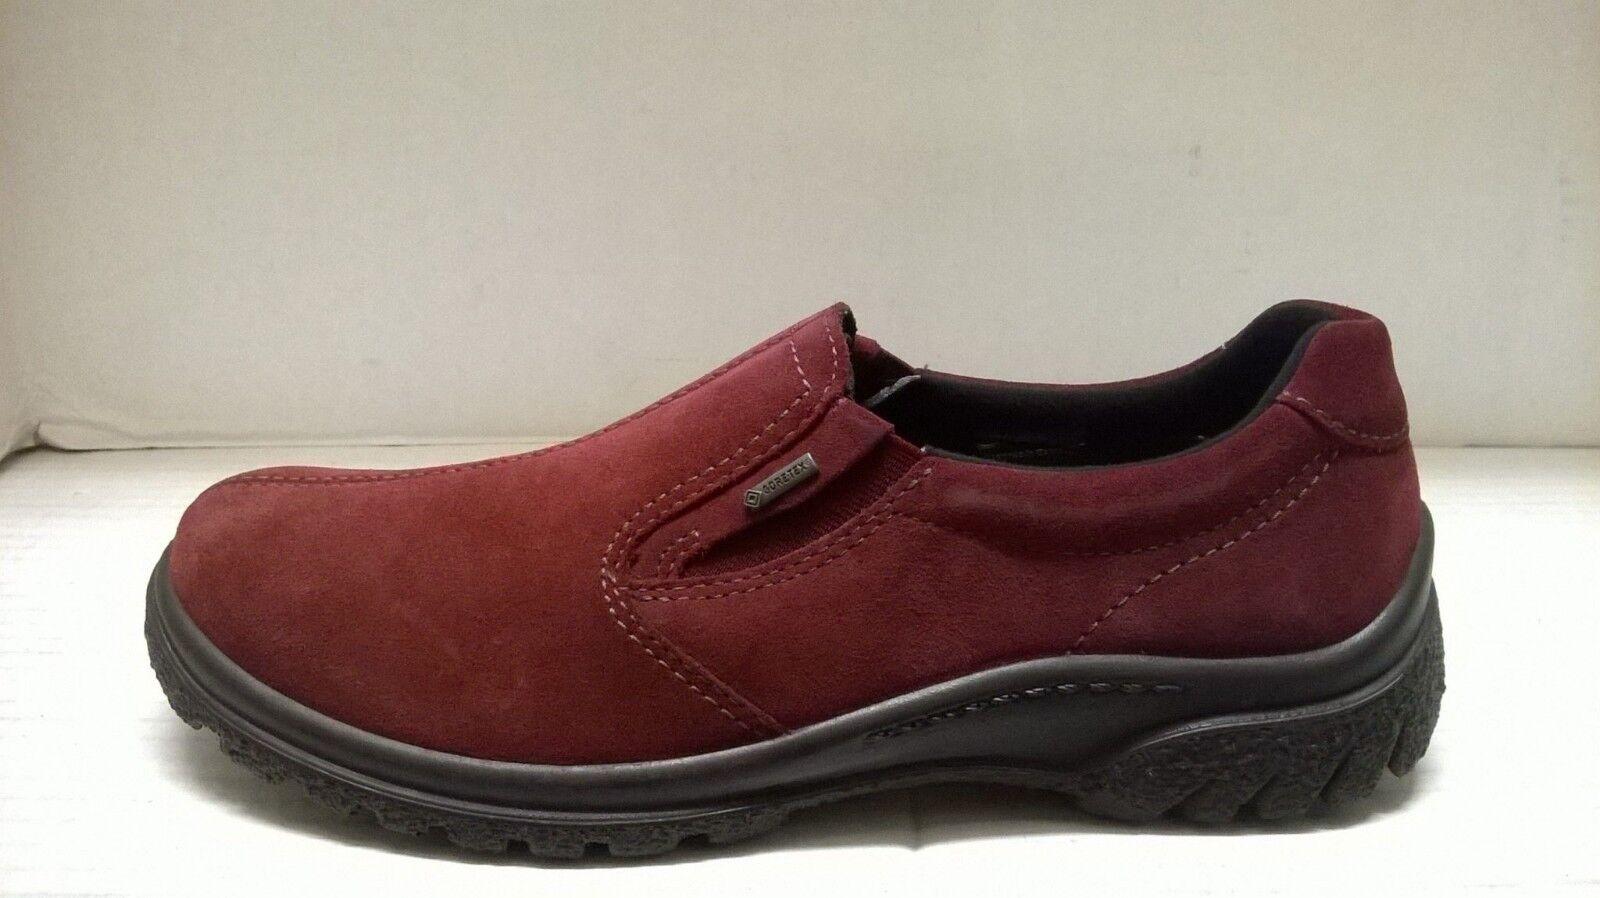 marchio famoso ARA donna PARSON WATERPROOF SUEDE SUEDE SUEDE W GORE-TEX SLIP-ON scarpe (49333)  sconto